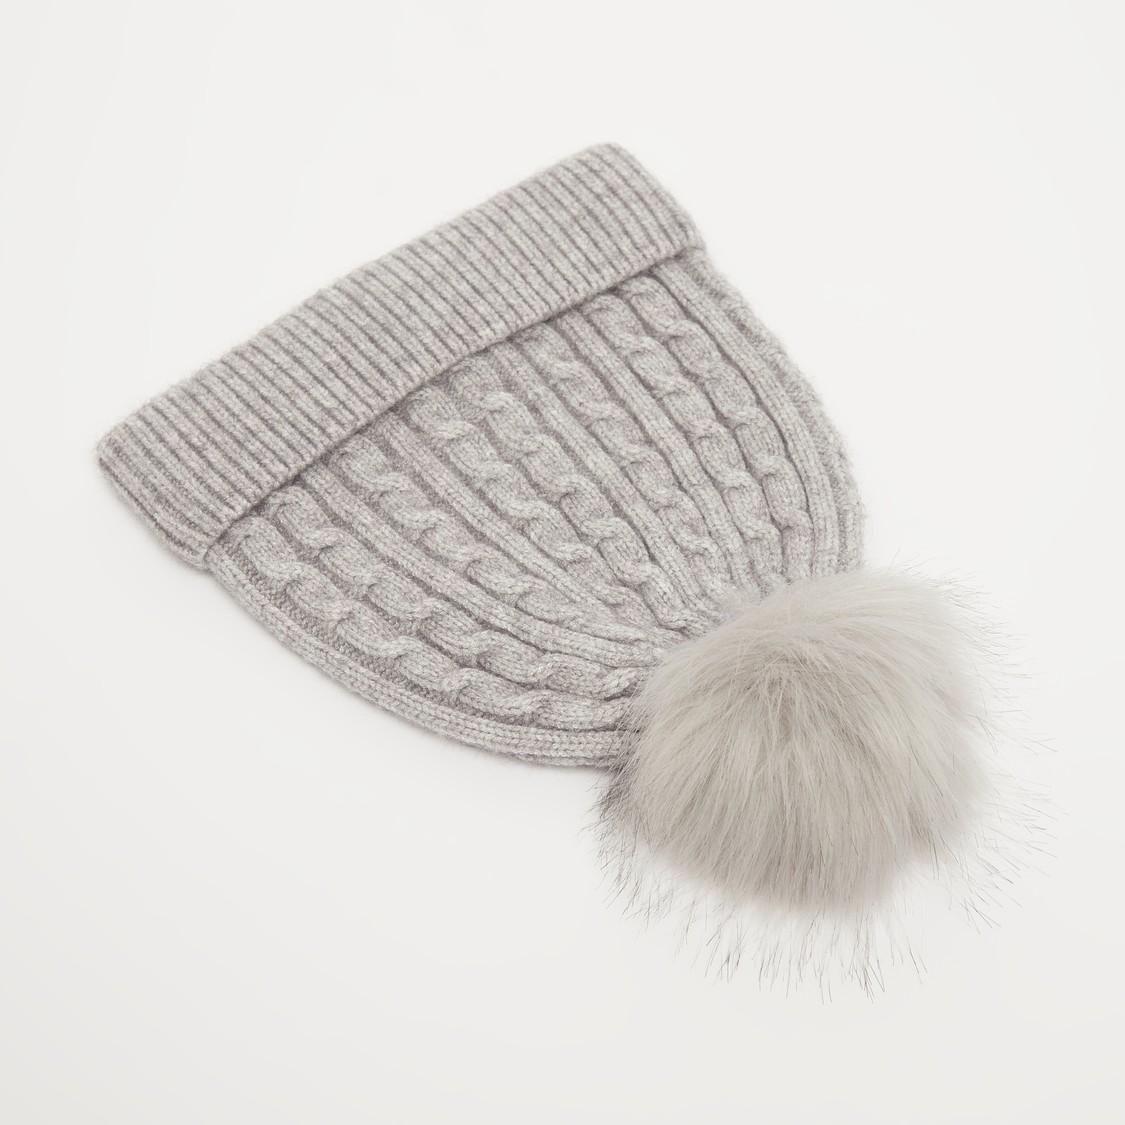 قبعة بيني بارزة الملمس بتزيينات بوم بوم